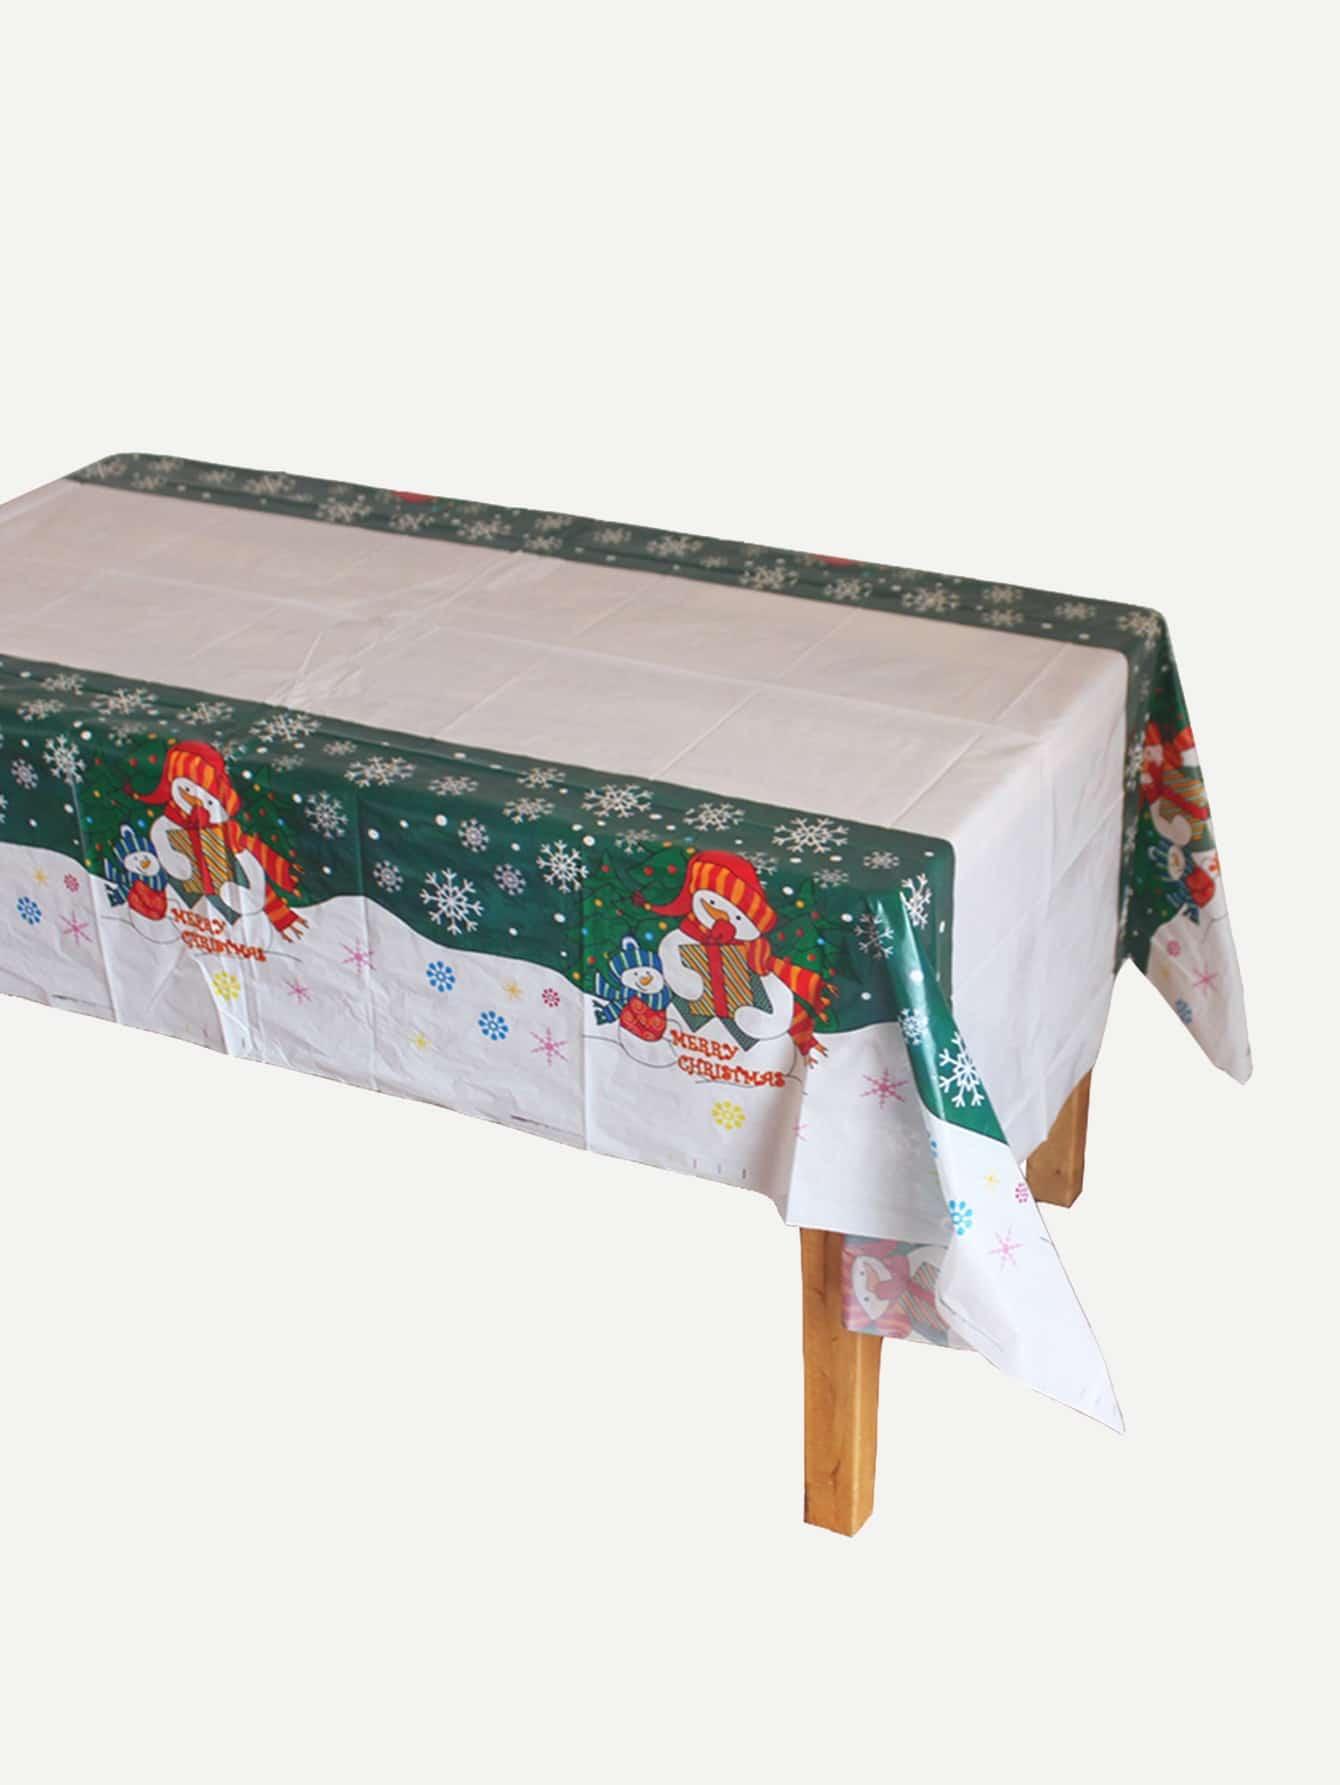 Купить Одноразовая скатерть с принтом рождественского снеговика, null, SheIn